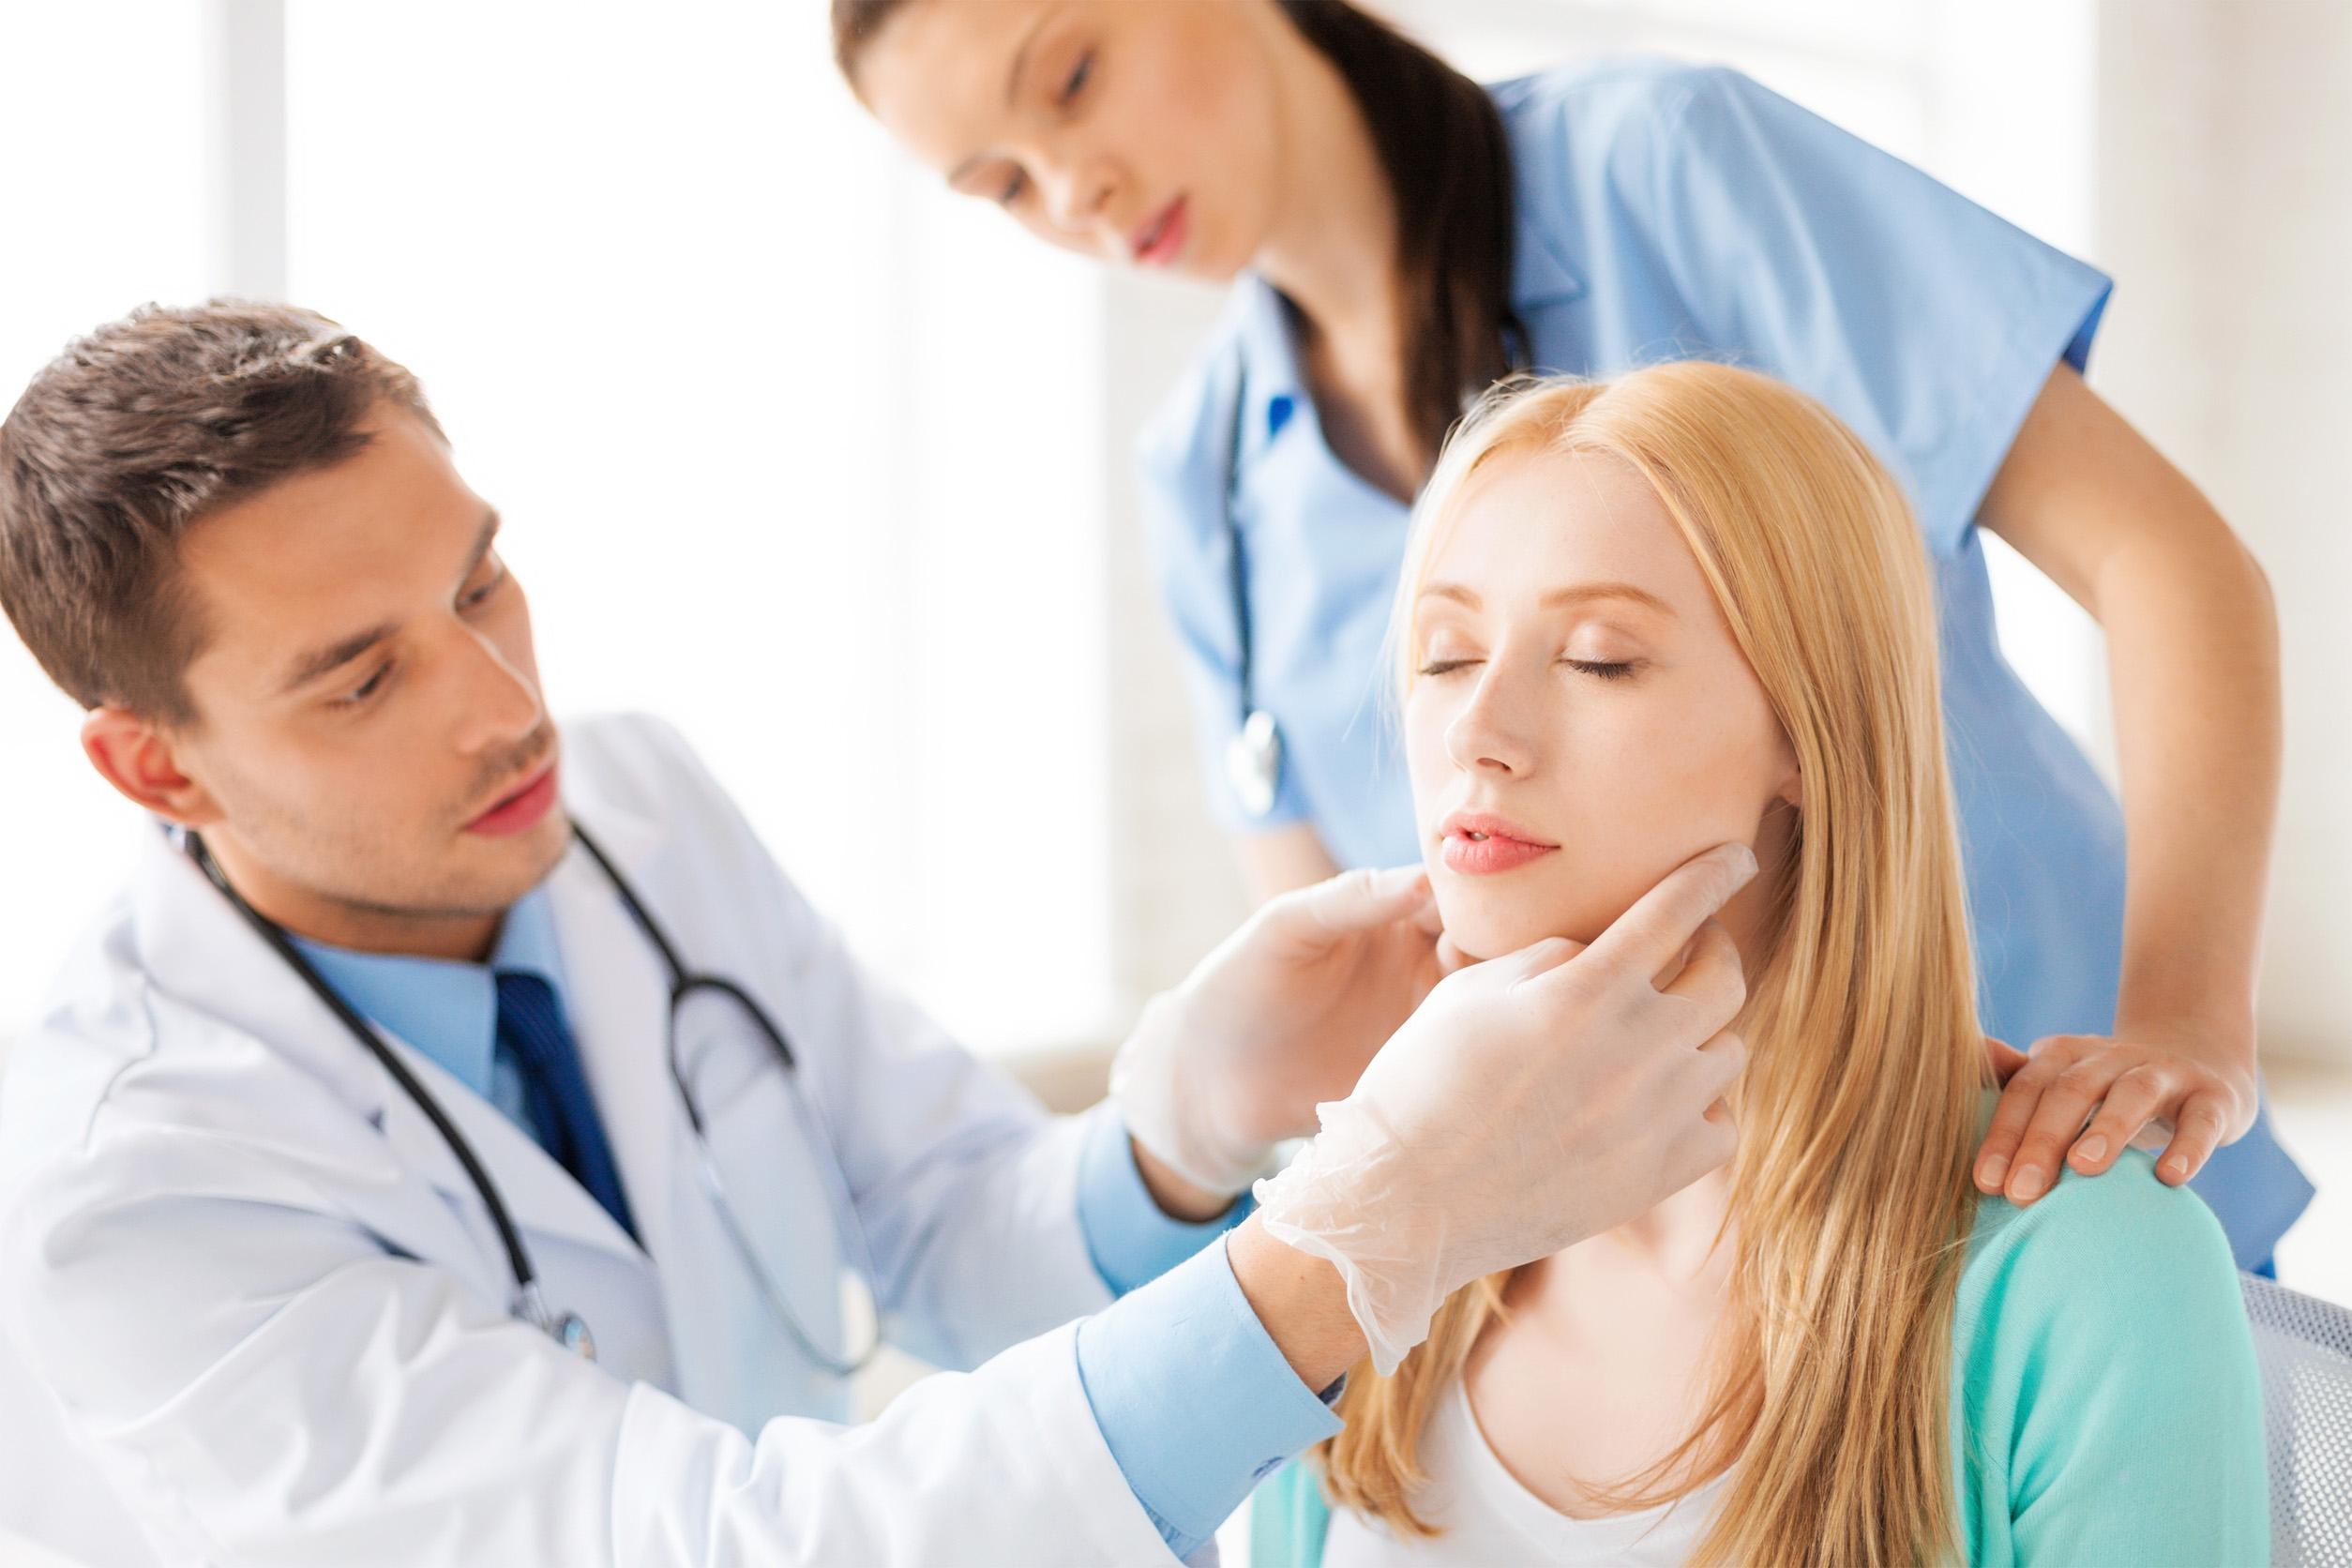 medycyna estetyczna staszów